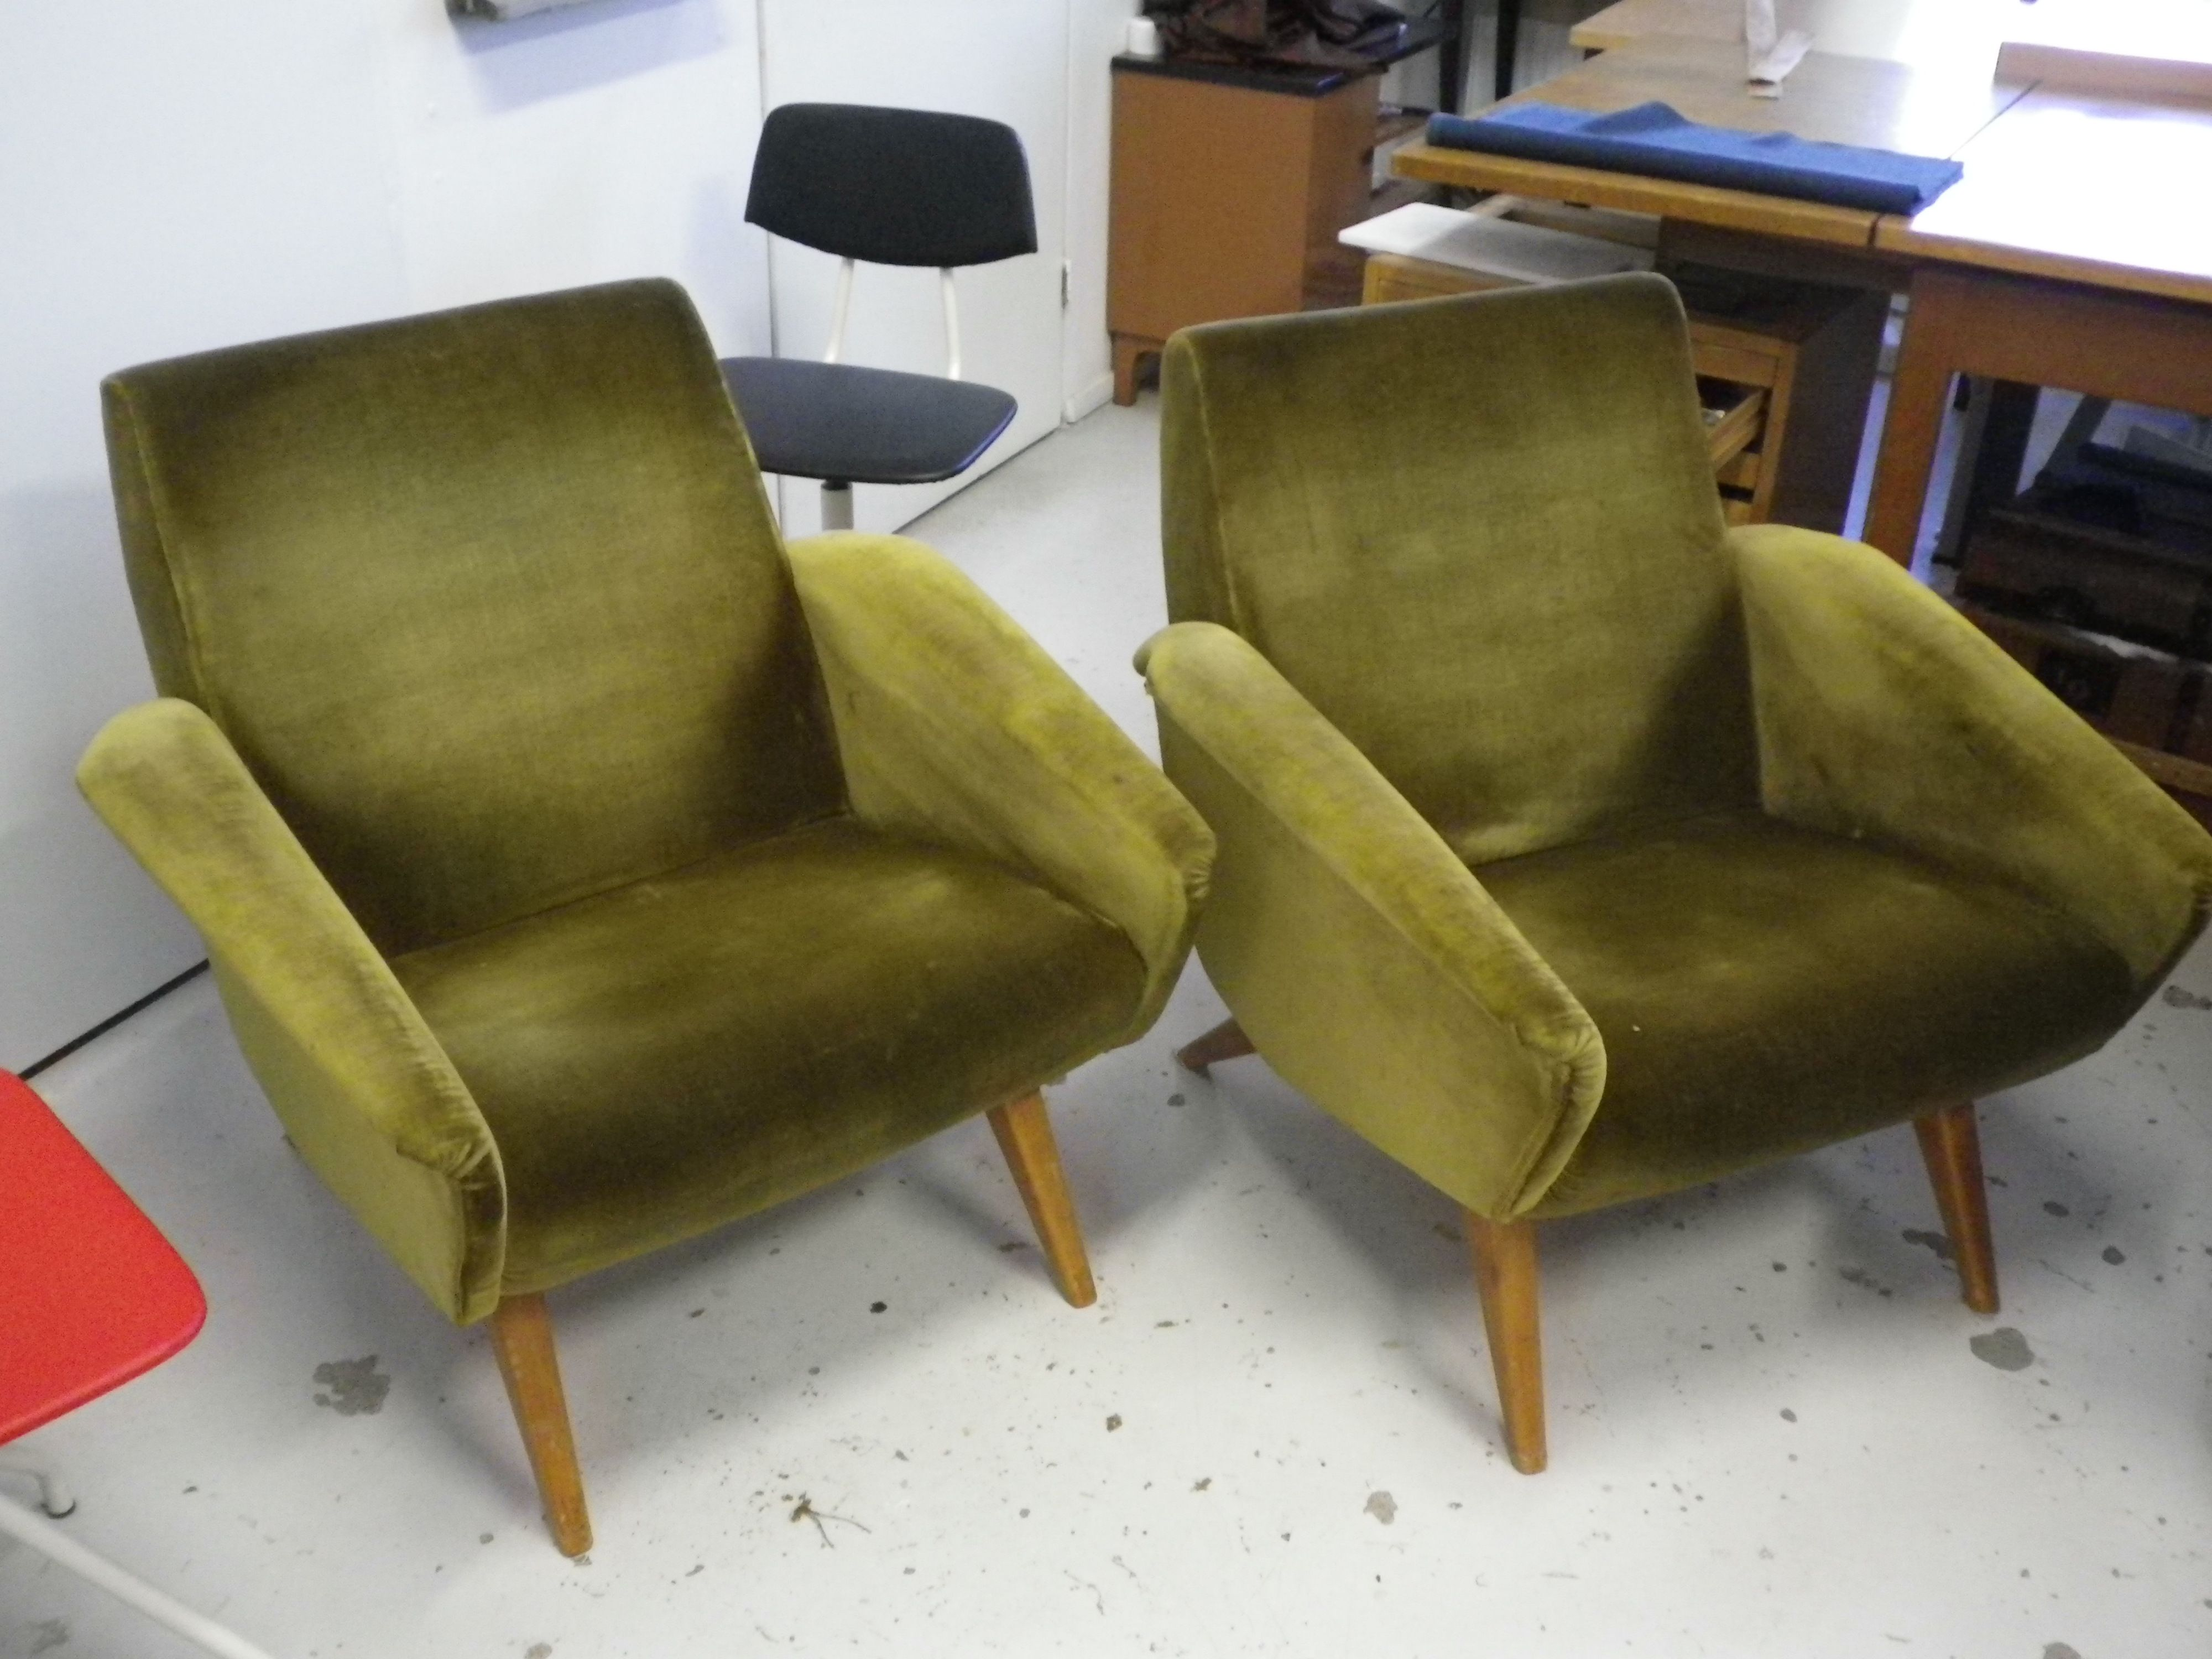 50-luvun nojatuolit, odottavat kunnostusta ja verhoilua. Tulossa myyntiin